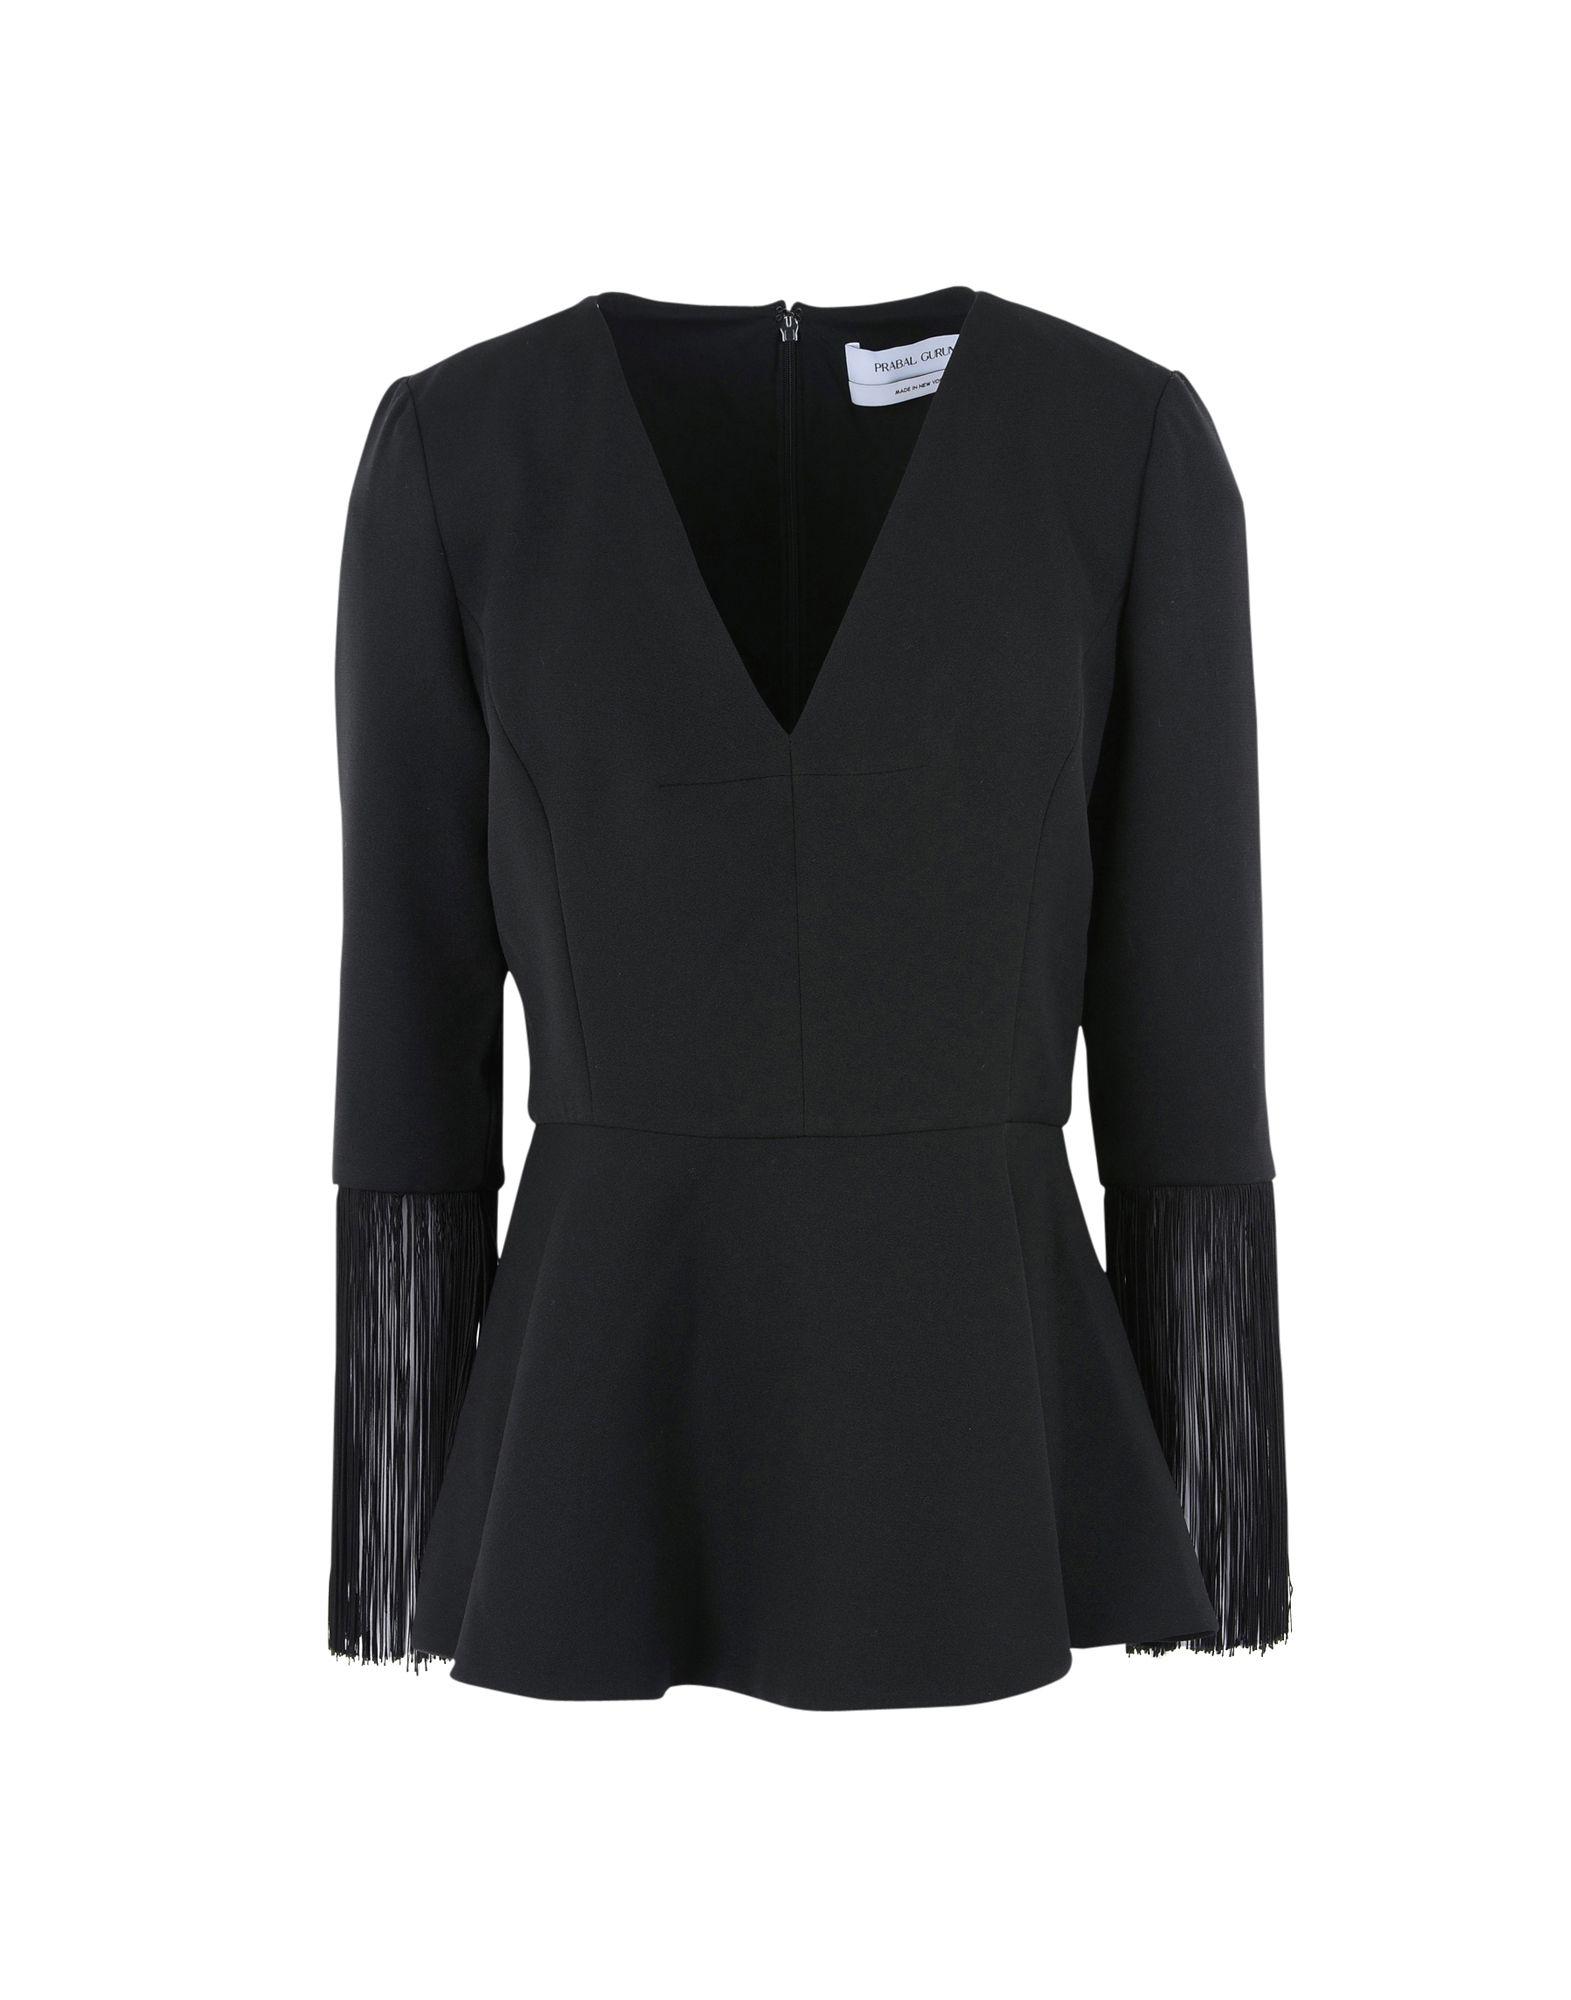 где купить PRABAL GURUNG Блузка по лучшей цене